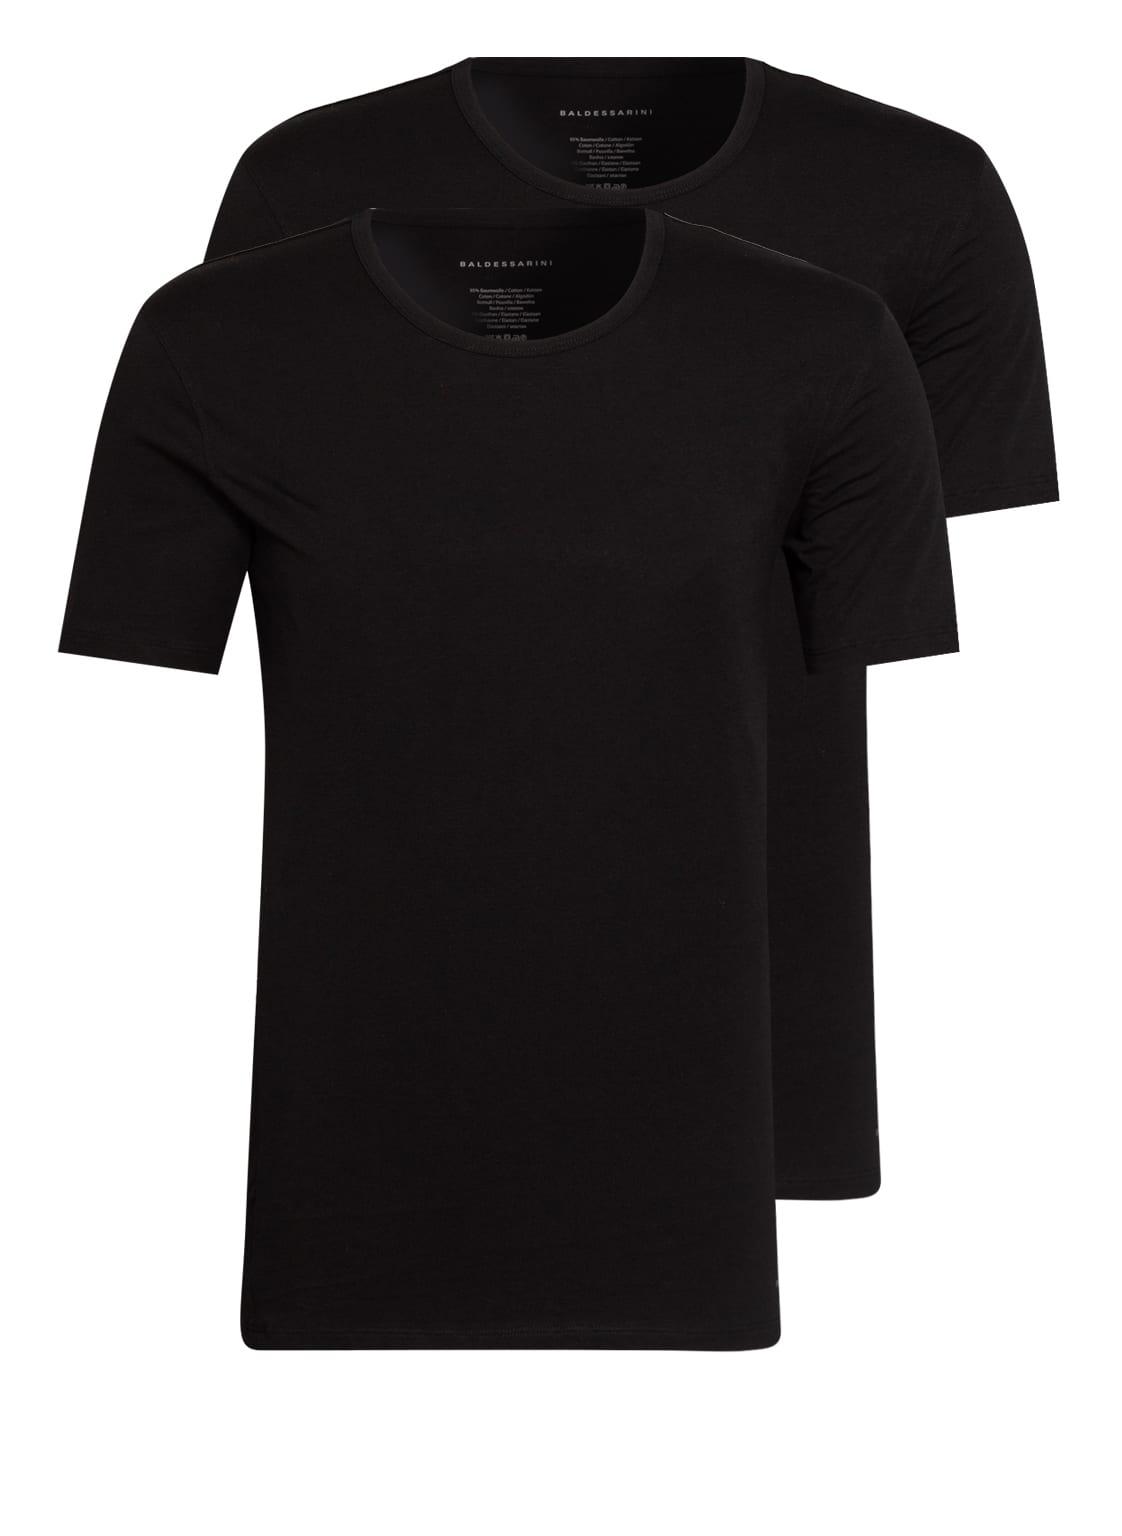 Image of Baldessarini 2er-Pack T-Shirts schwarz